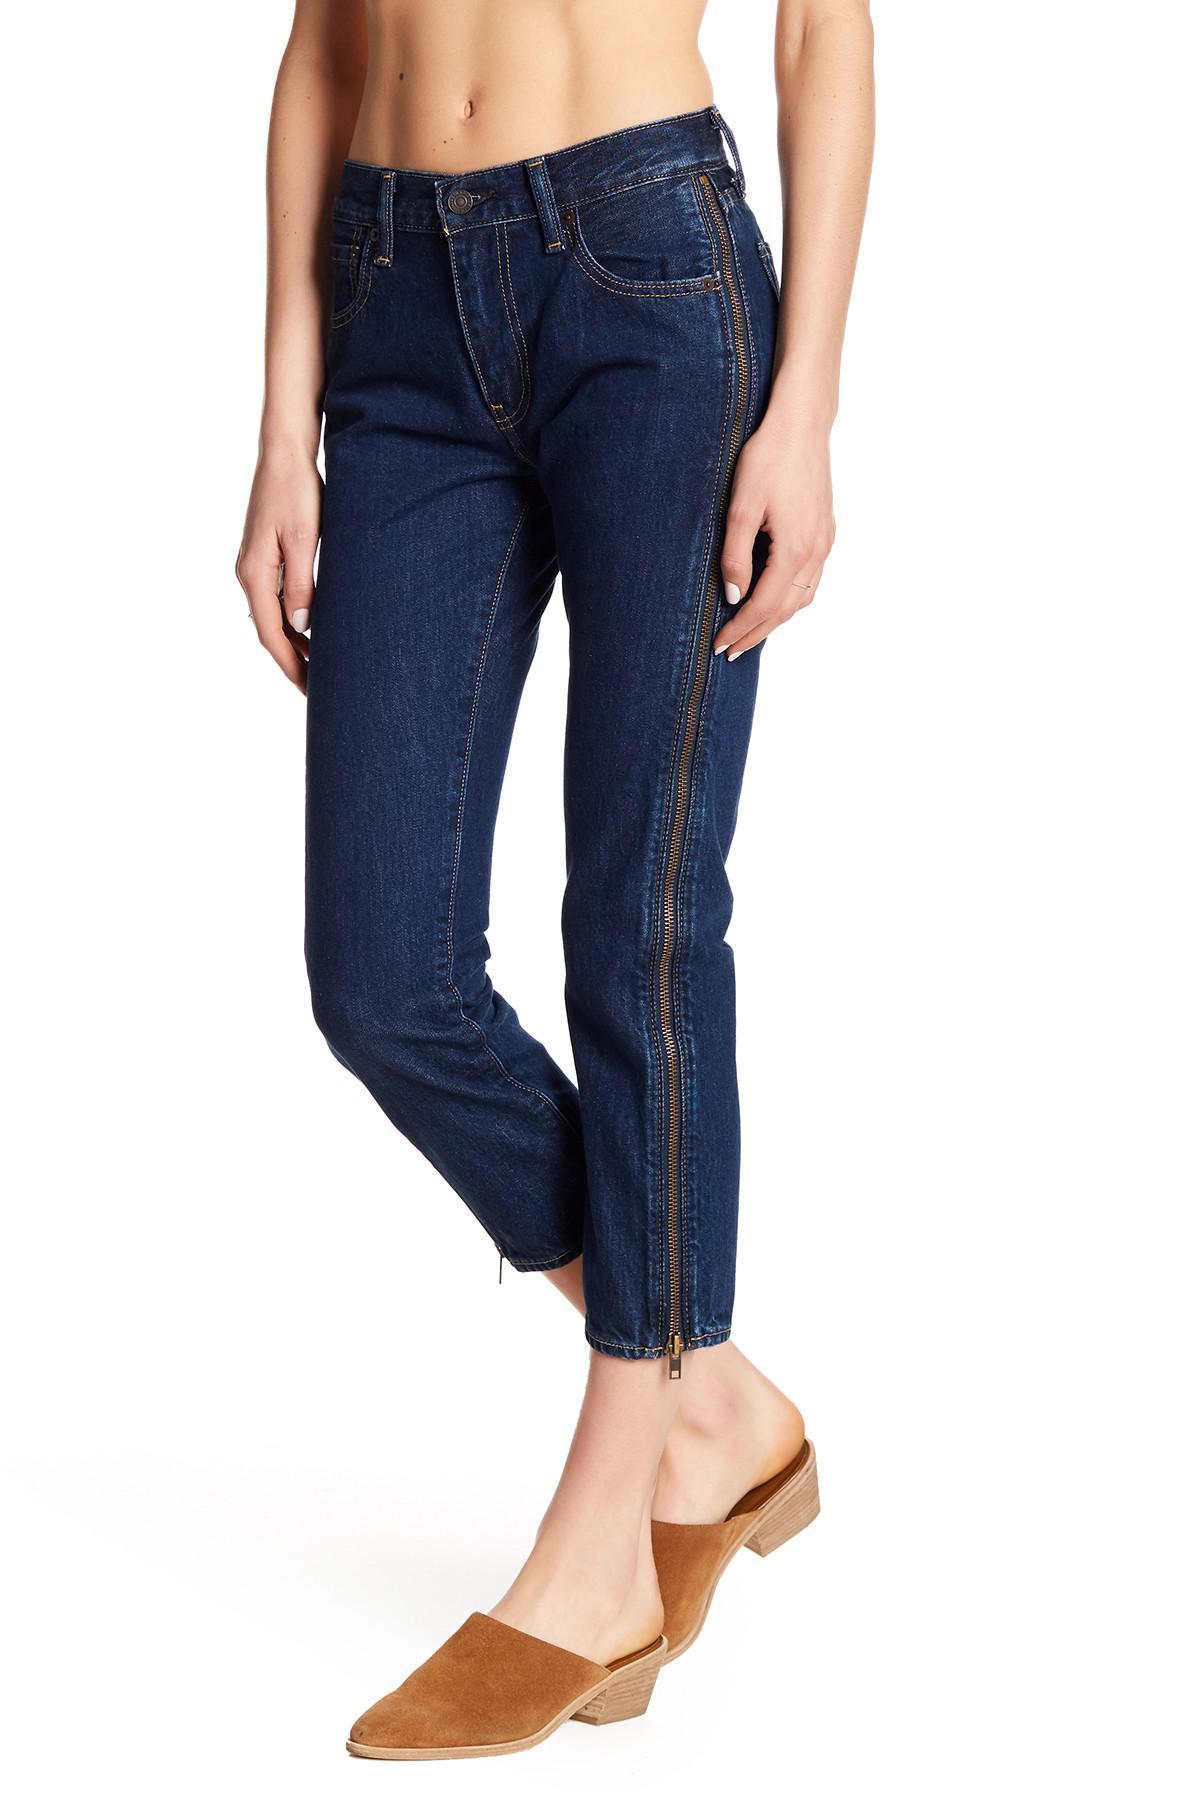 Levi's. Women's Blue 505c Cropped Zipper Skinny Jeans